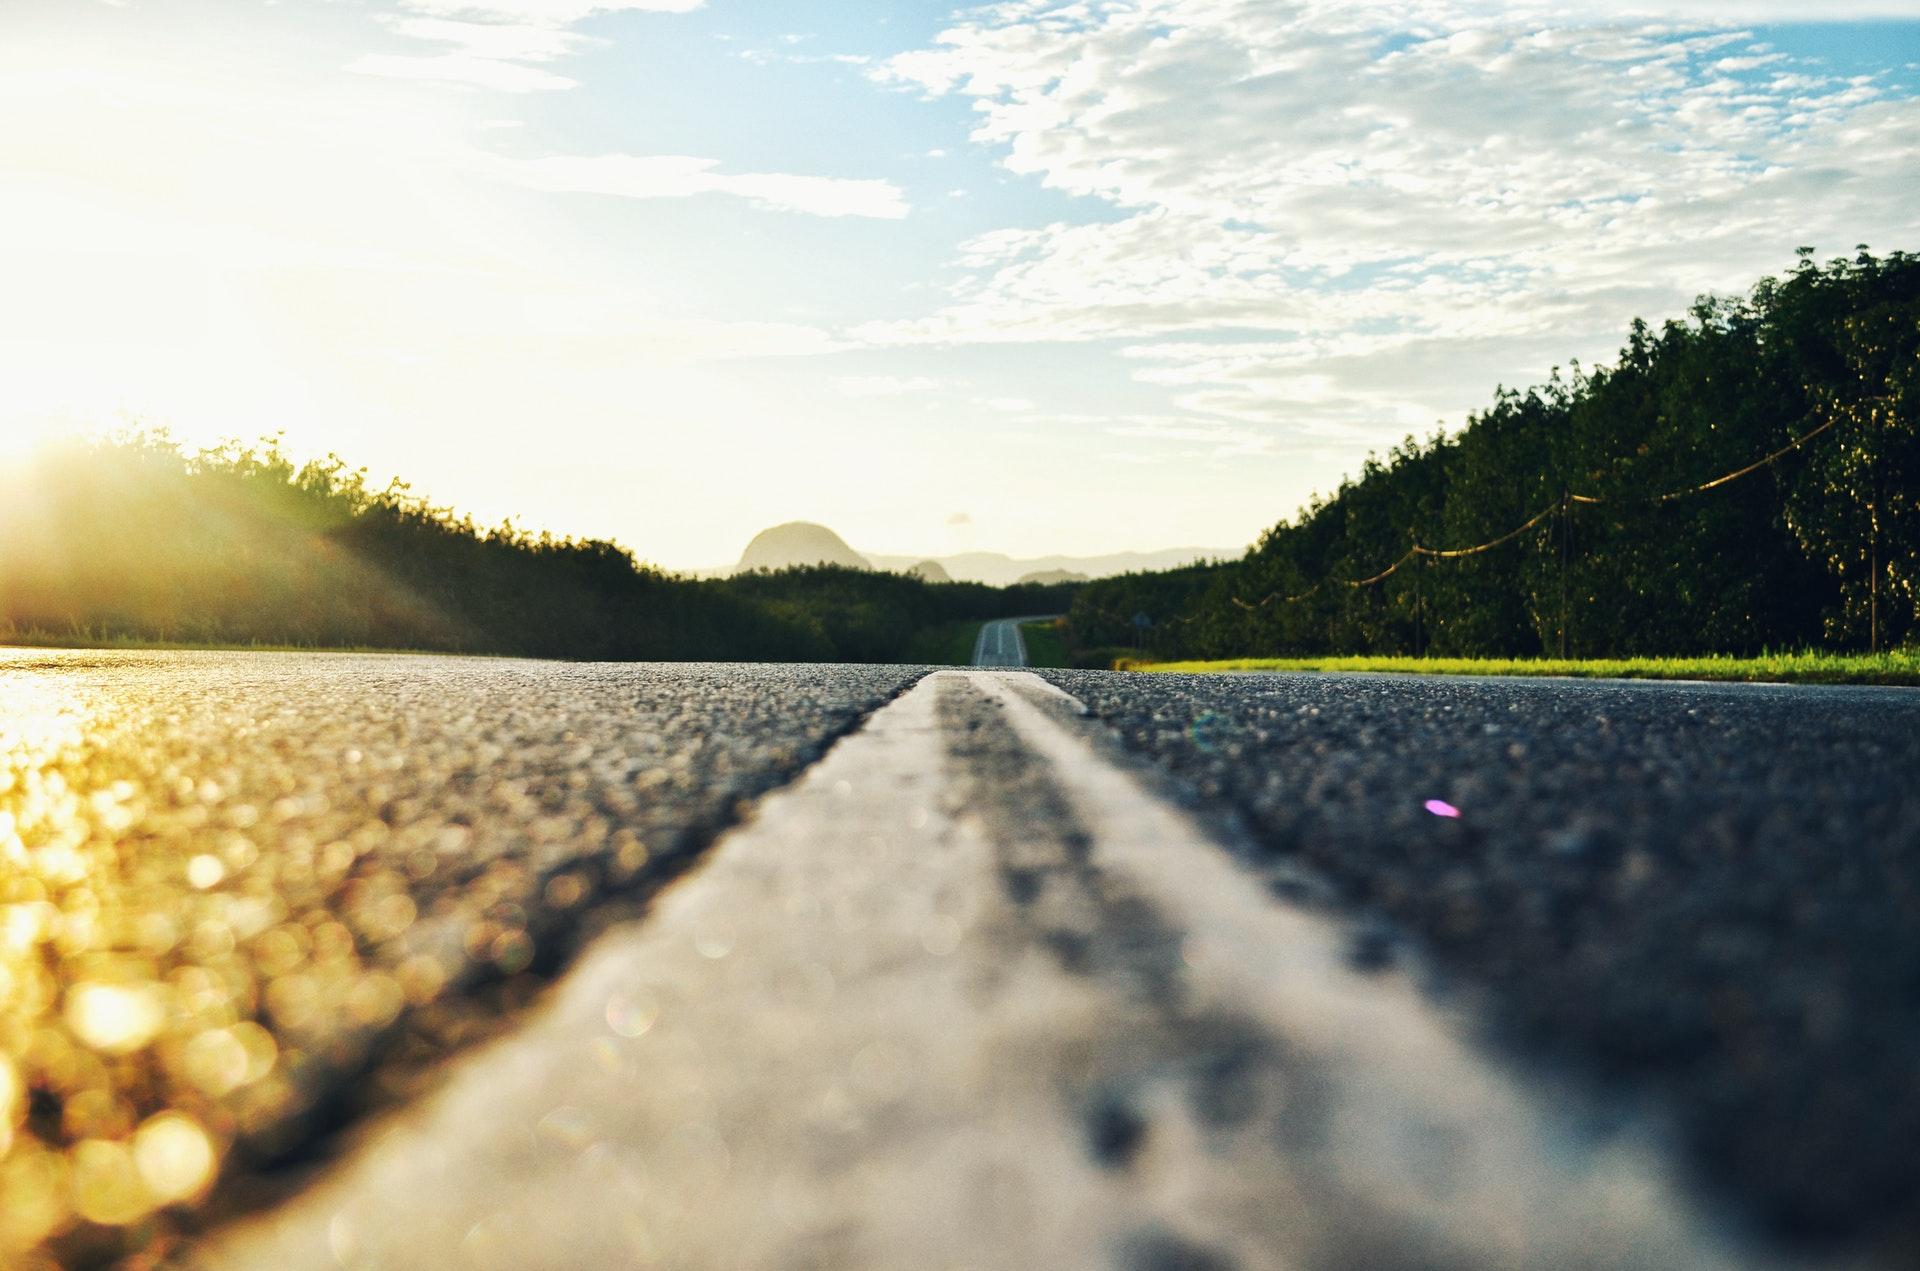 Fahren auf der Autobahn - was ist erlaubt, was nicht? 6